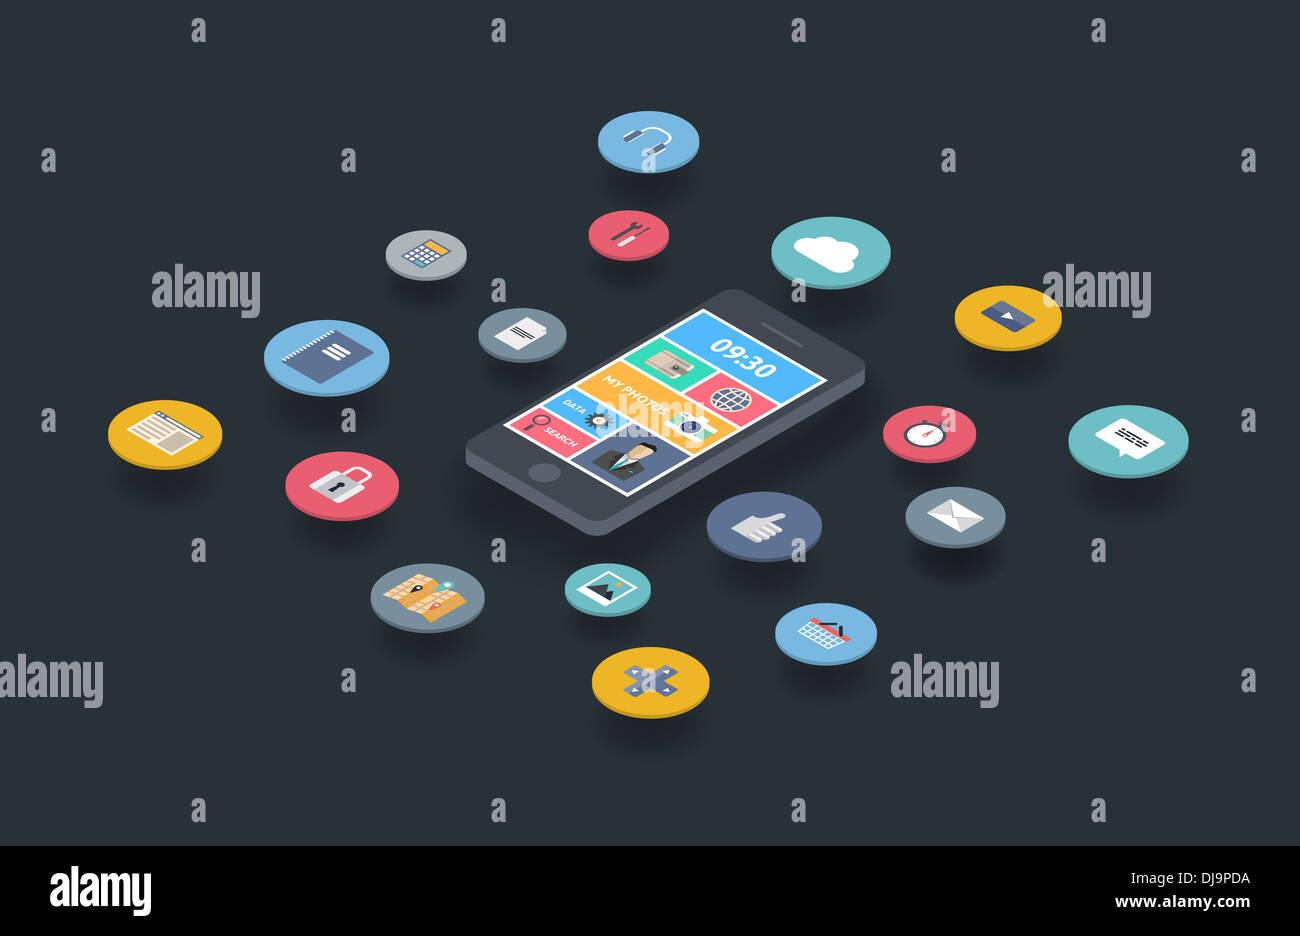 Ilustración de la noción de variedad mediante smartphone multimedia con un montón de iconos y elegante interfaz de usuario móvil en el teléfono Imagen De Stock